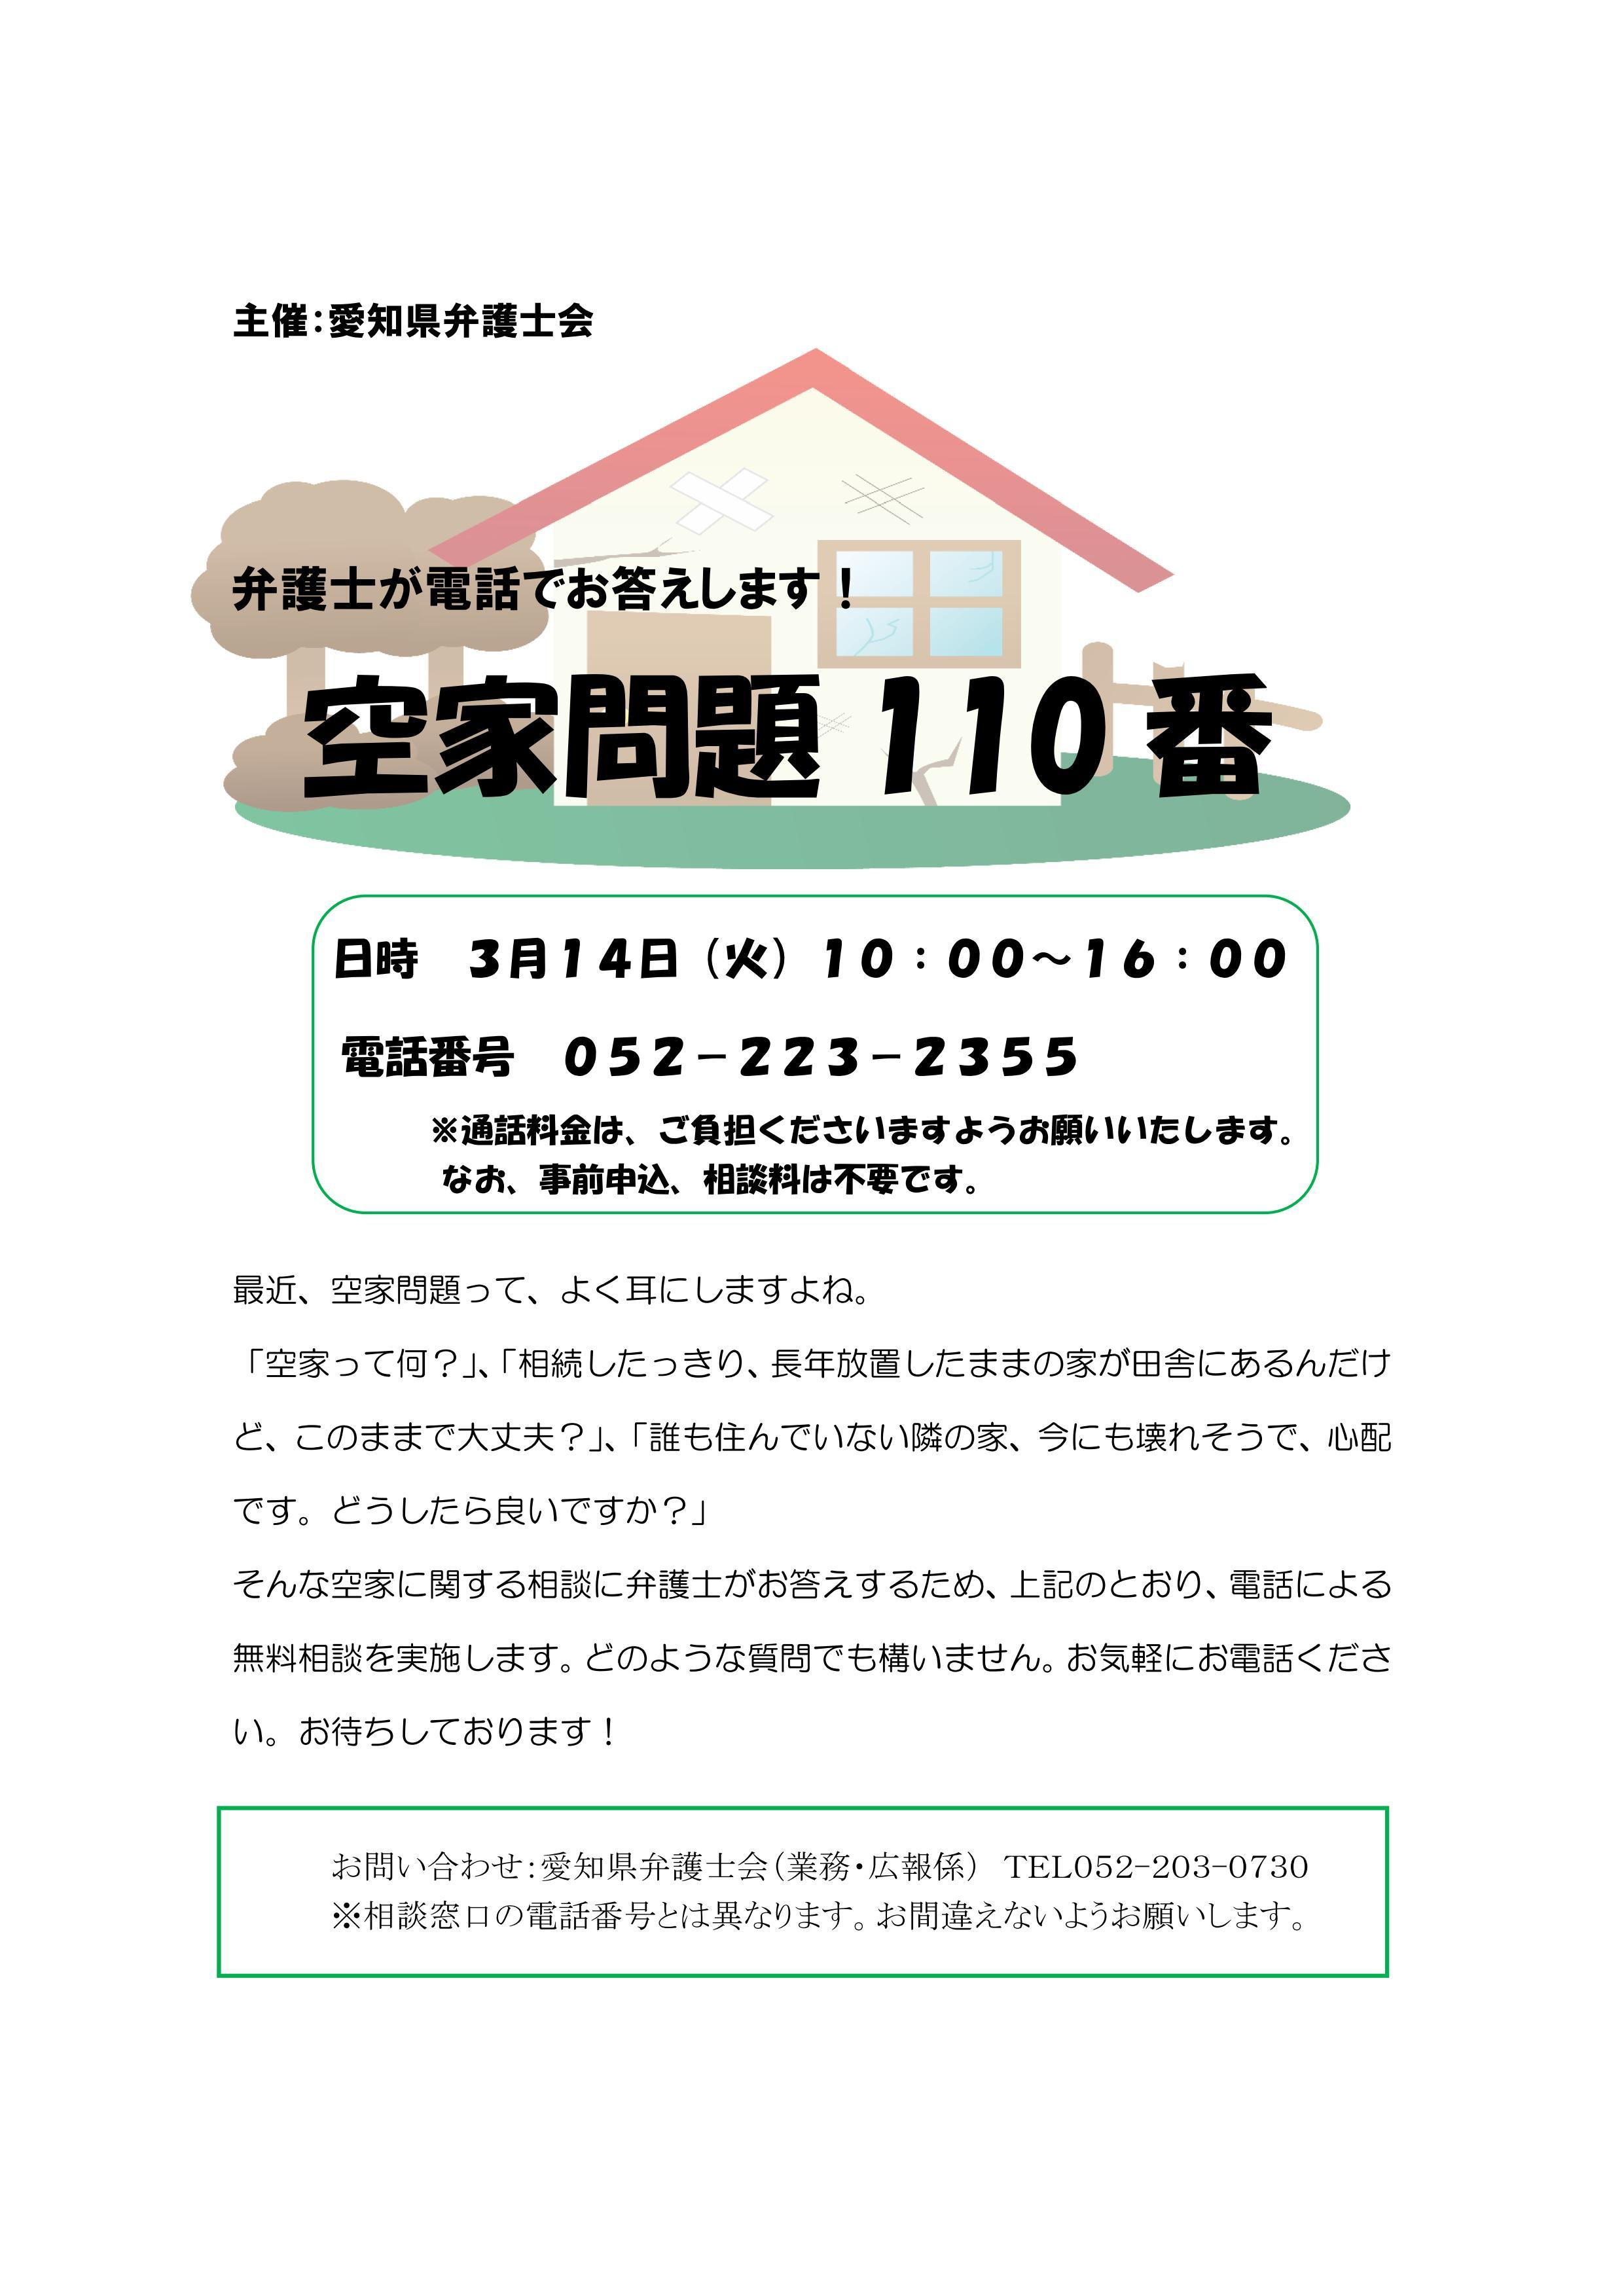 空家110番 チラシ 290314-1.jpg